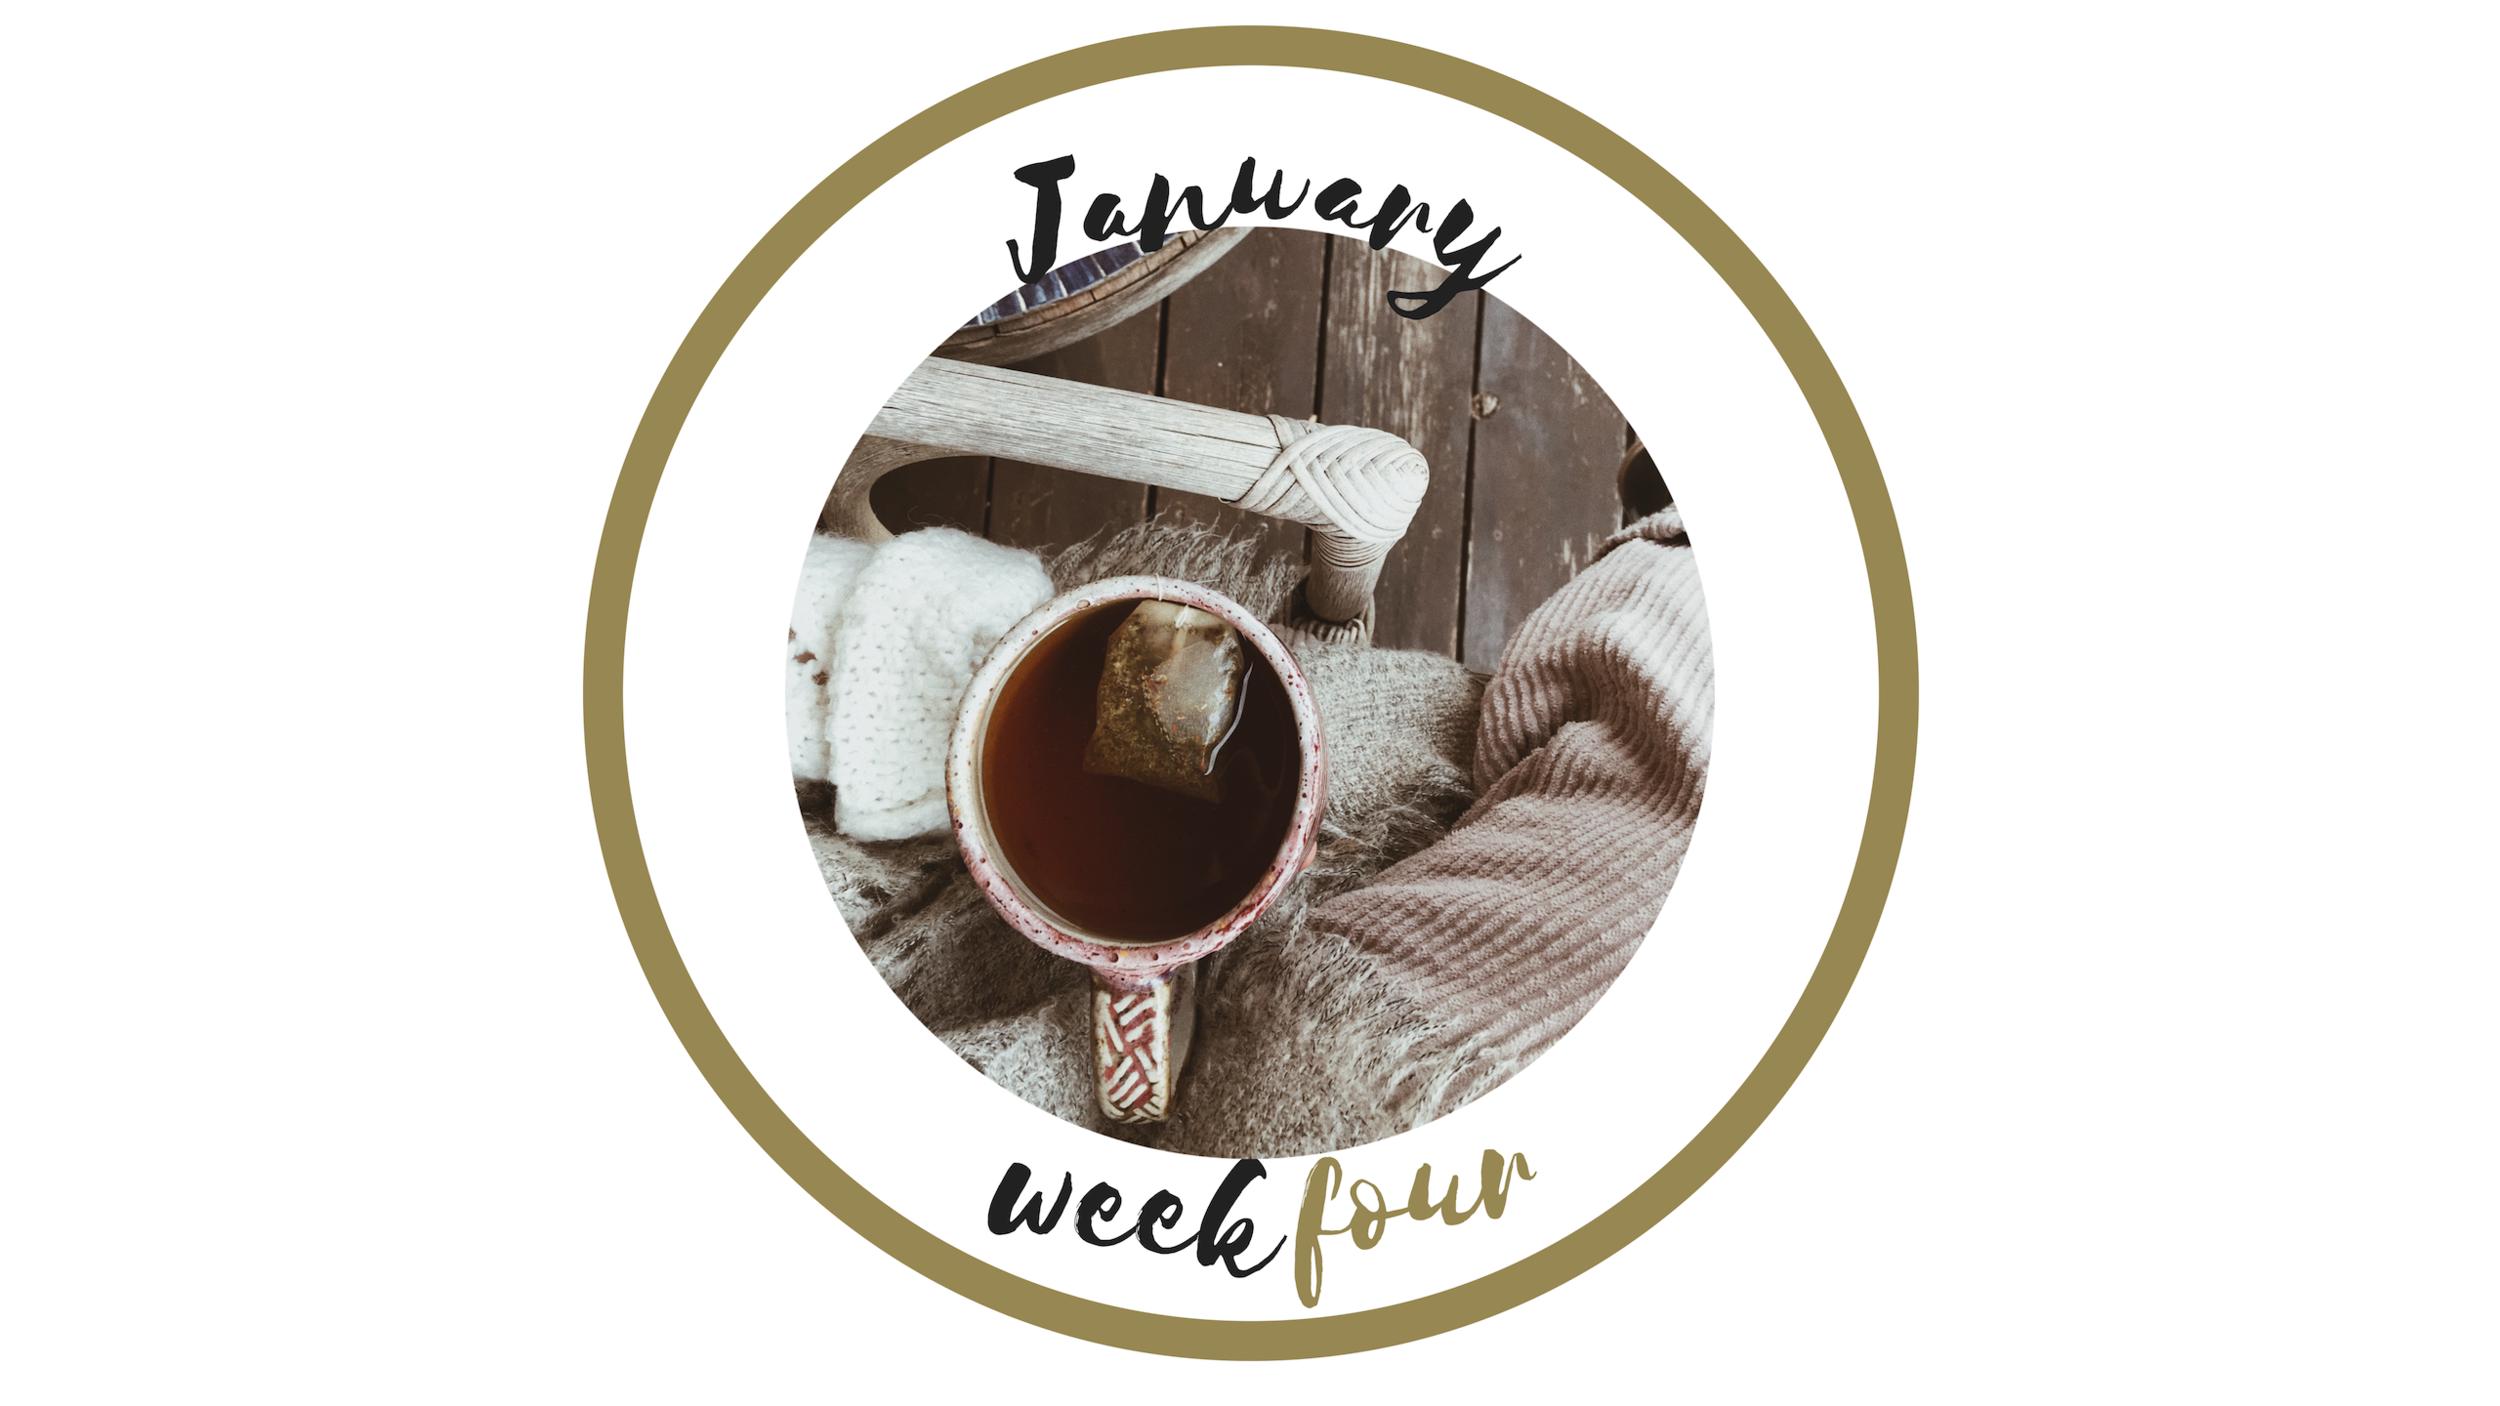 January Week Four Membership